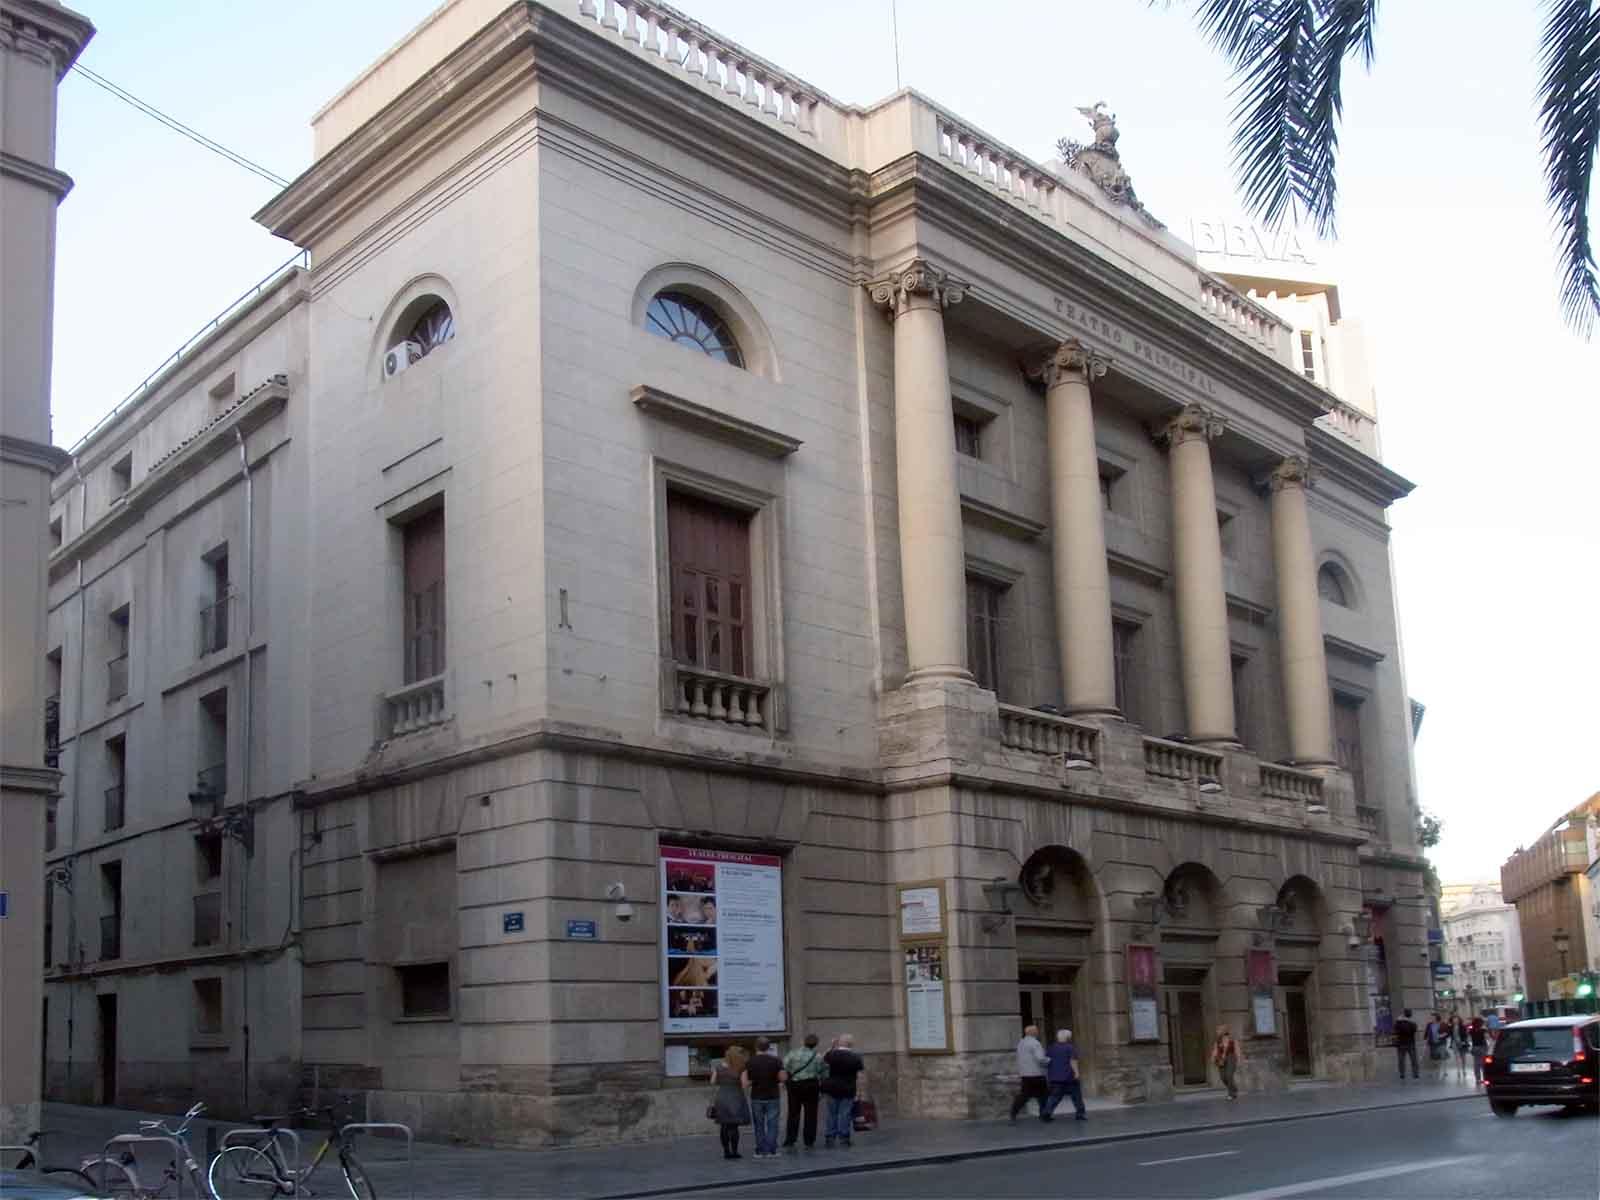 Sehensw rdigkeiten st dte valencia goruma for Teatro principal valencia